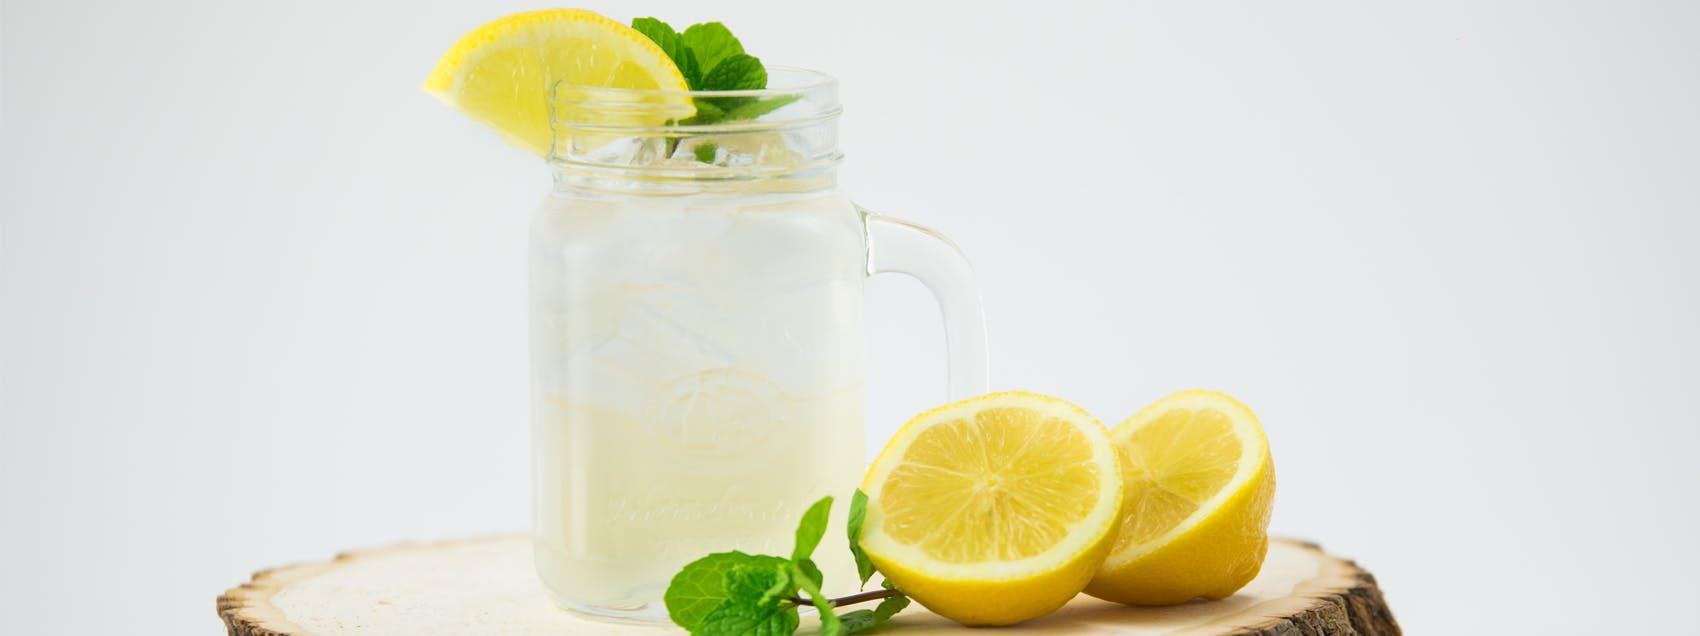 All American Lemonade